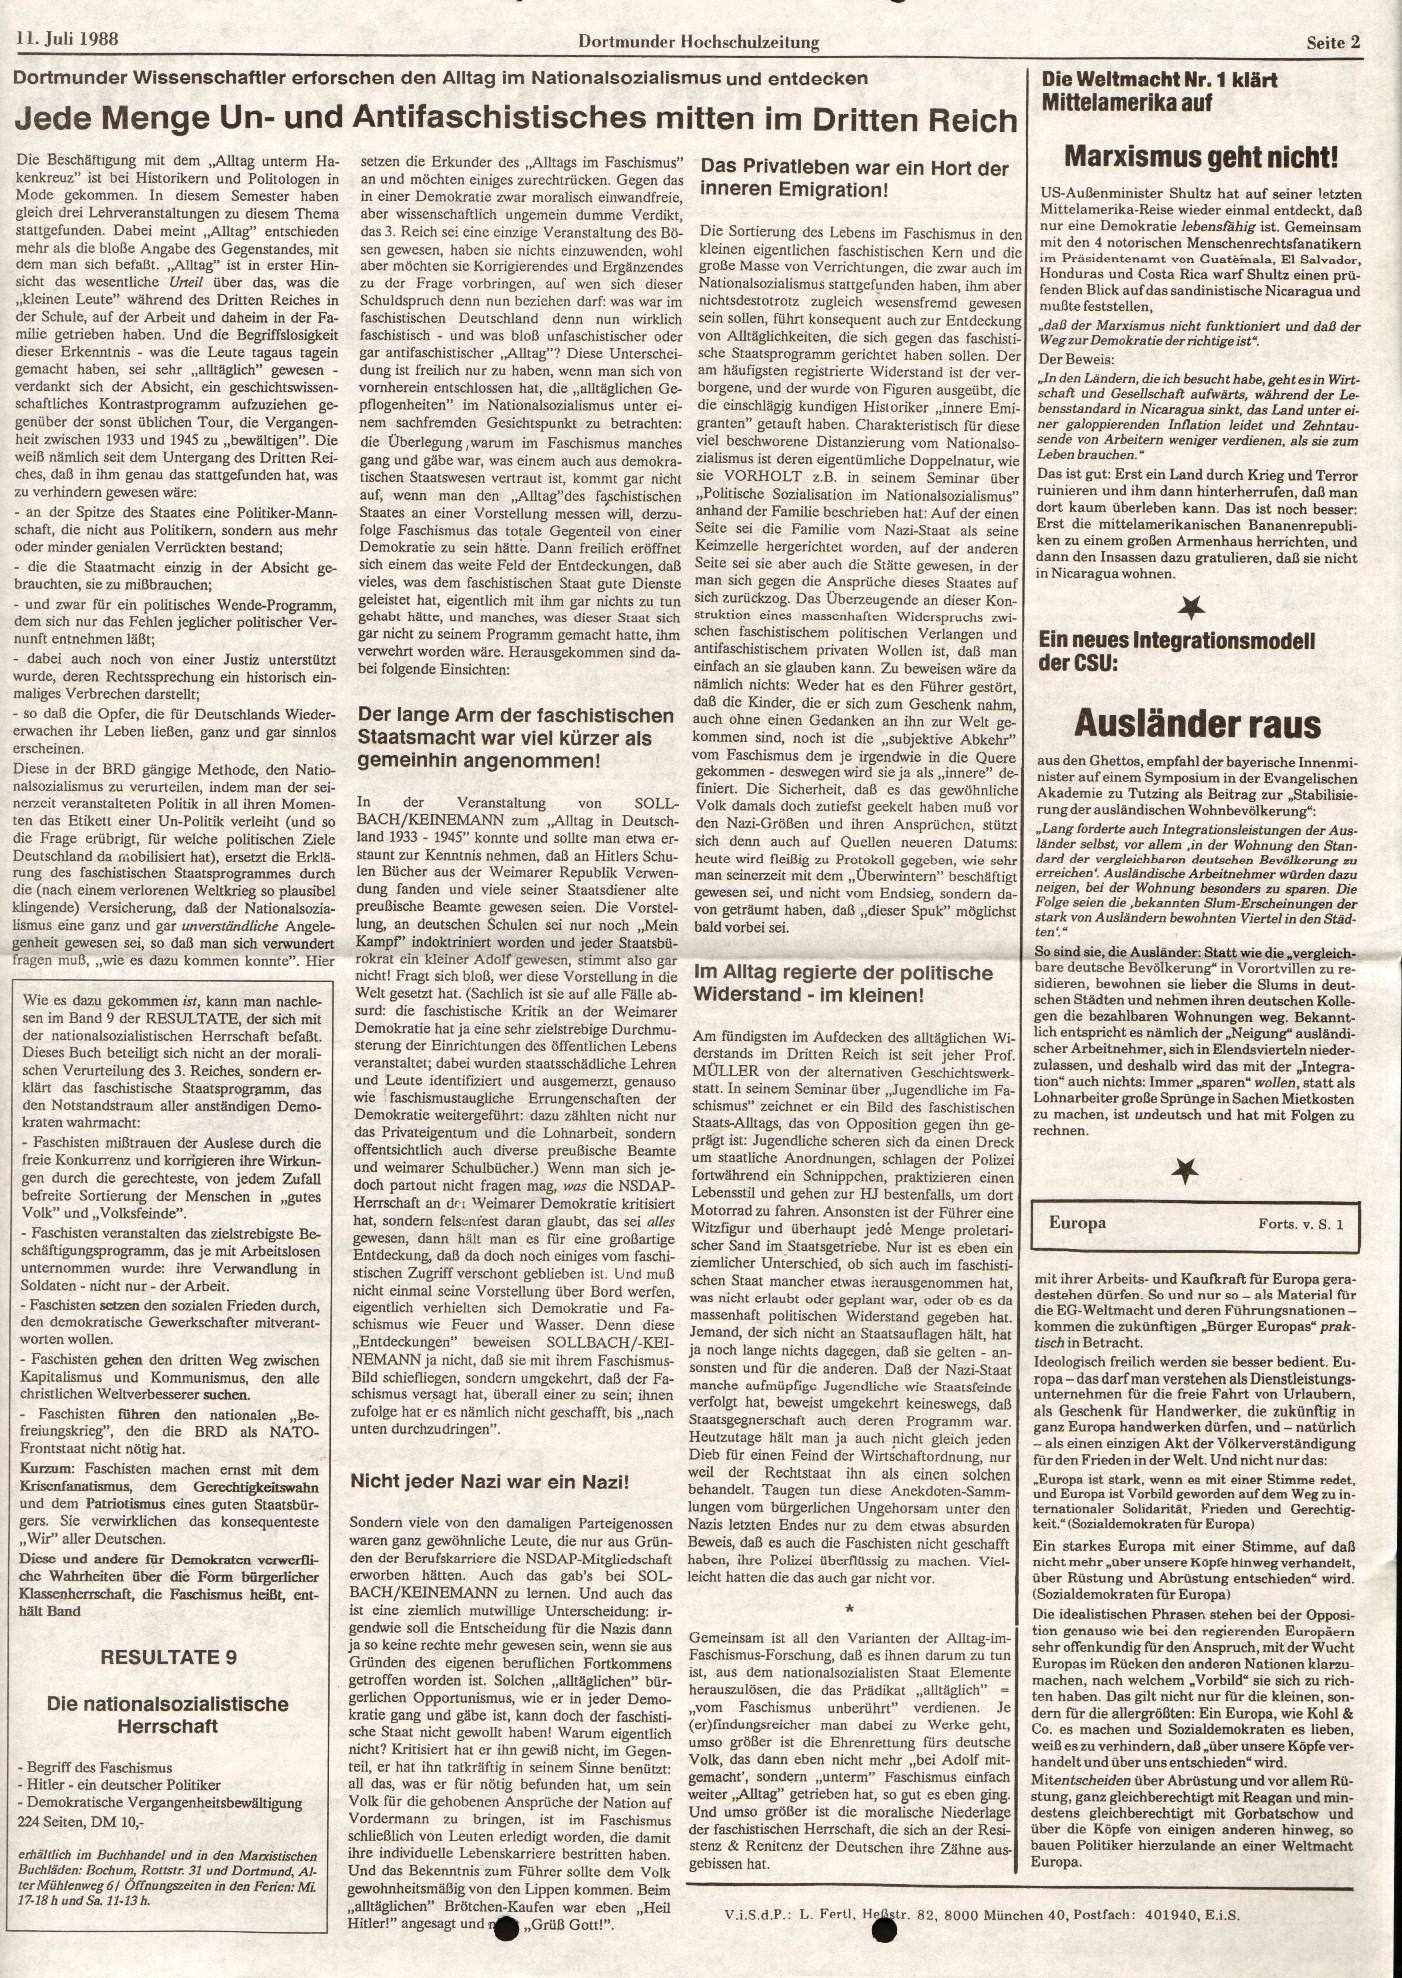 MG_Dortmunder_Hochschulzeitung_19880711_02